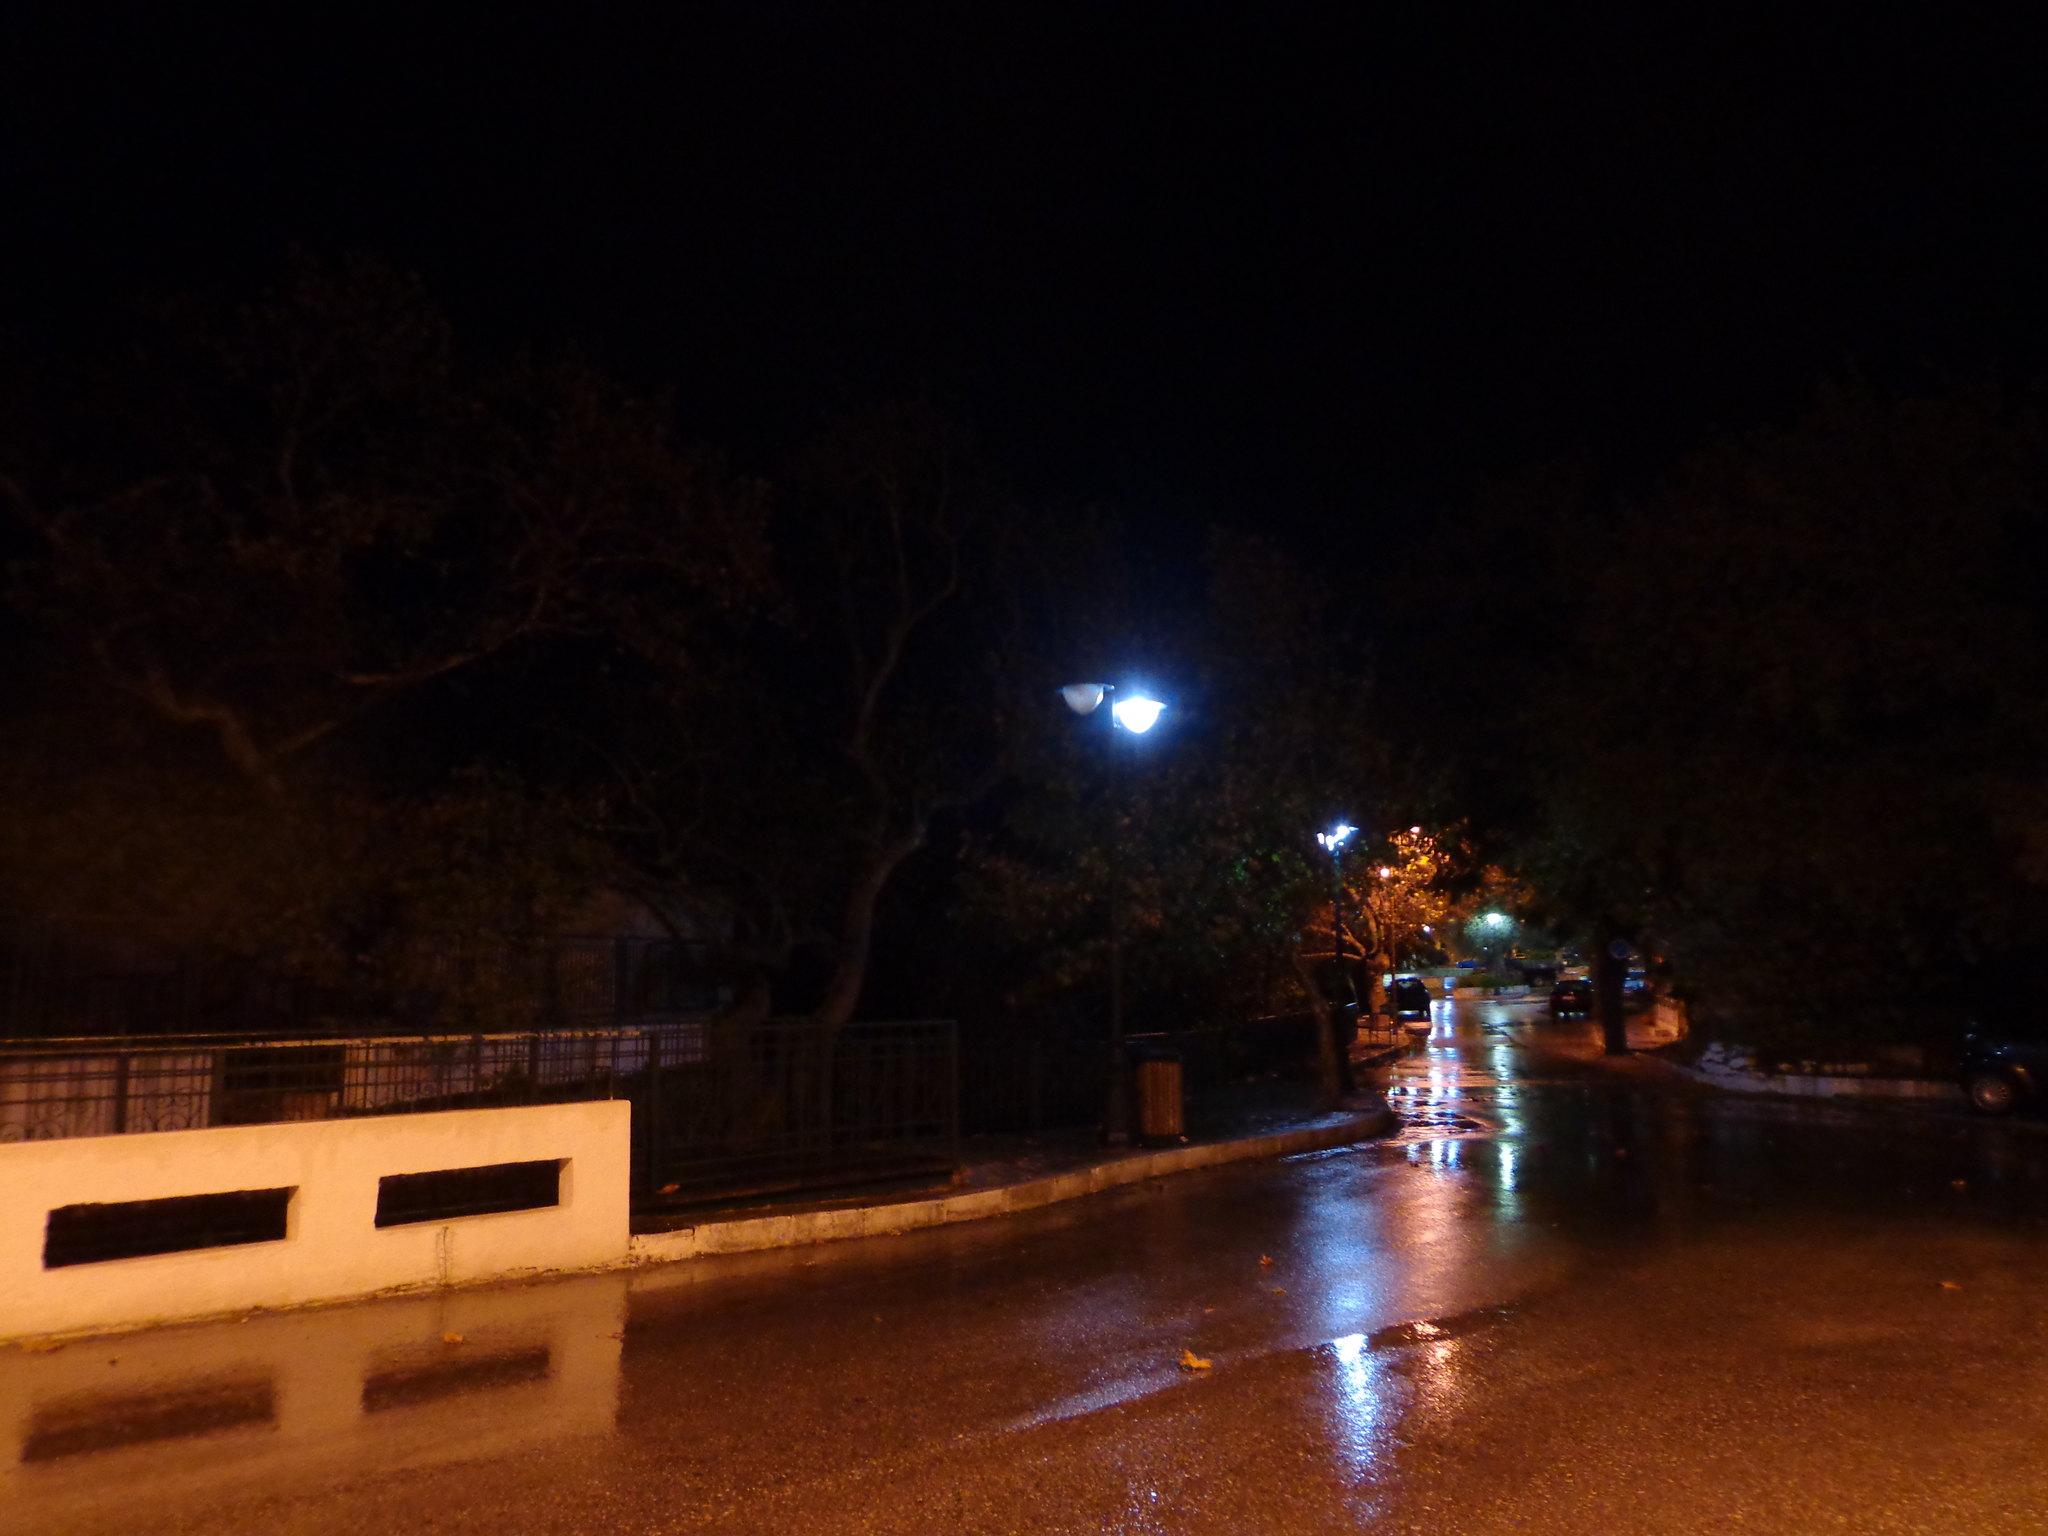 Ψίνθος Φθινόπωρο 2014 - Ξαφνική νυχτερινή καταιγίδα.